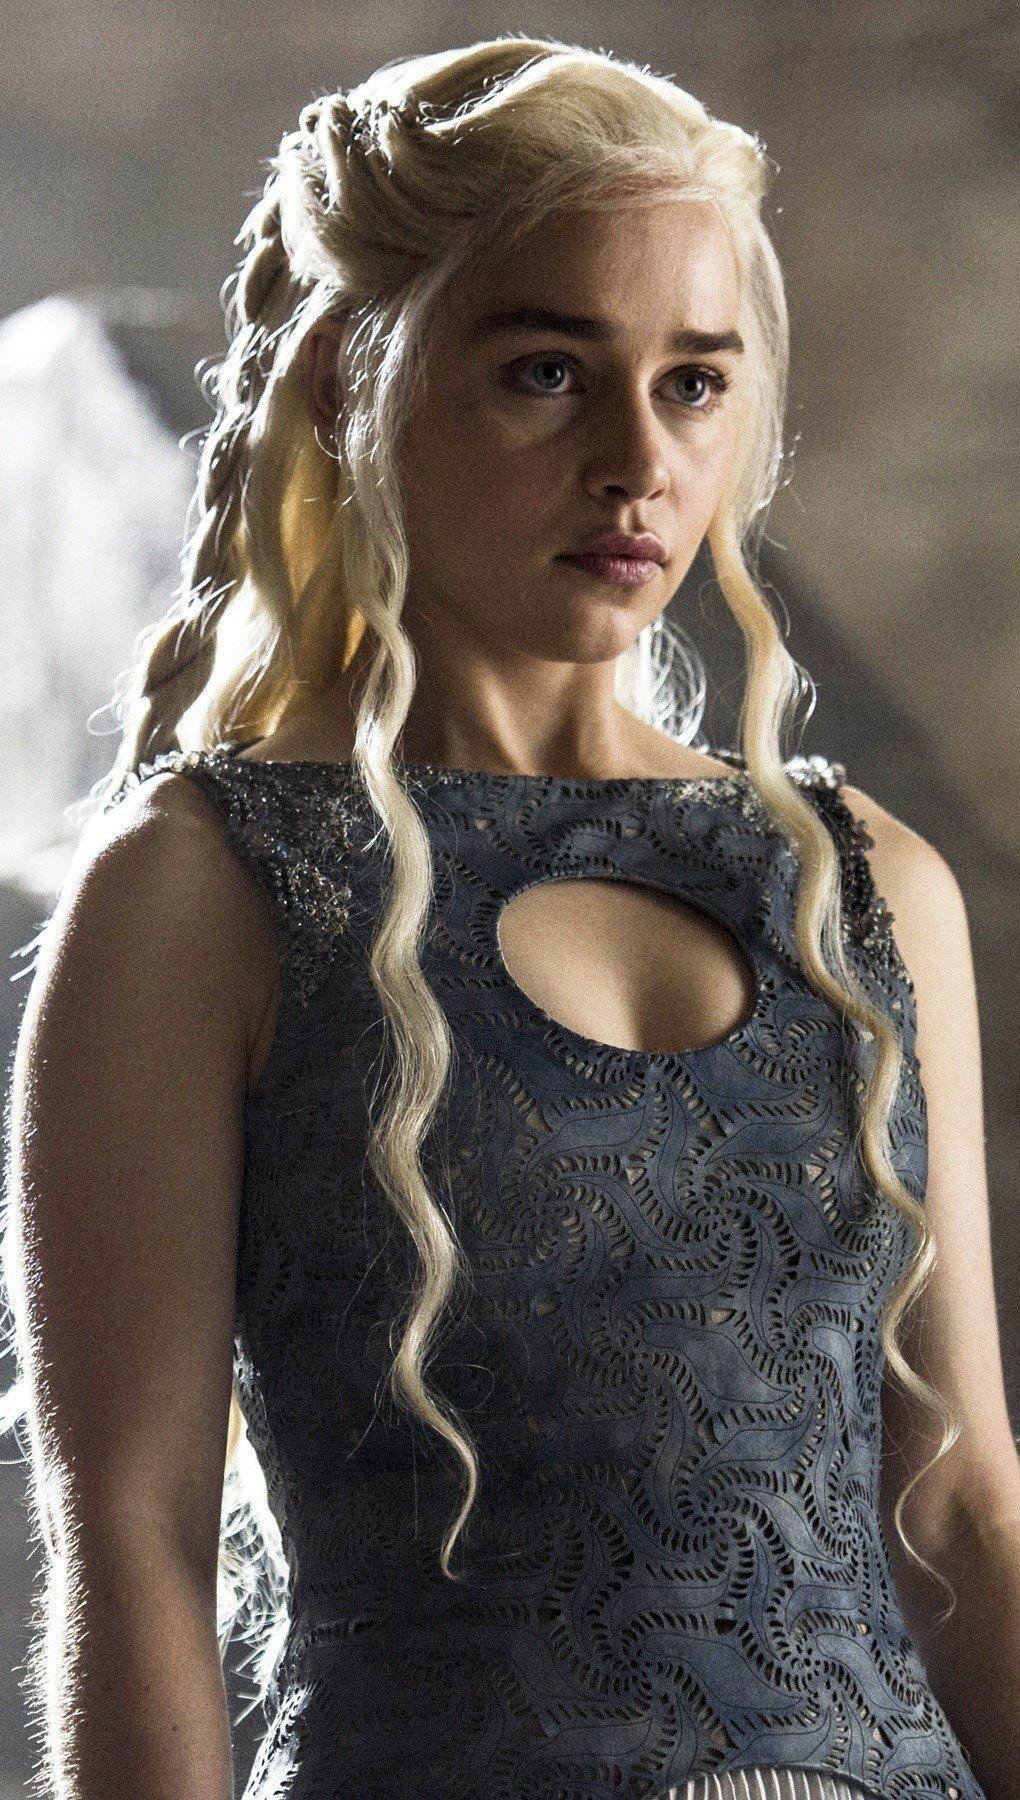 Fondos de pantalla Emilia Clarke como Daenerys Targaryen Vertical